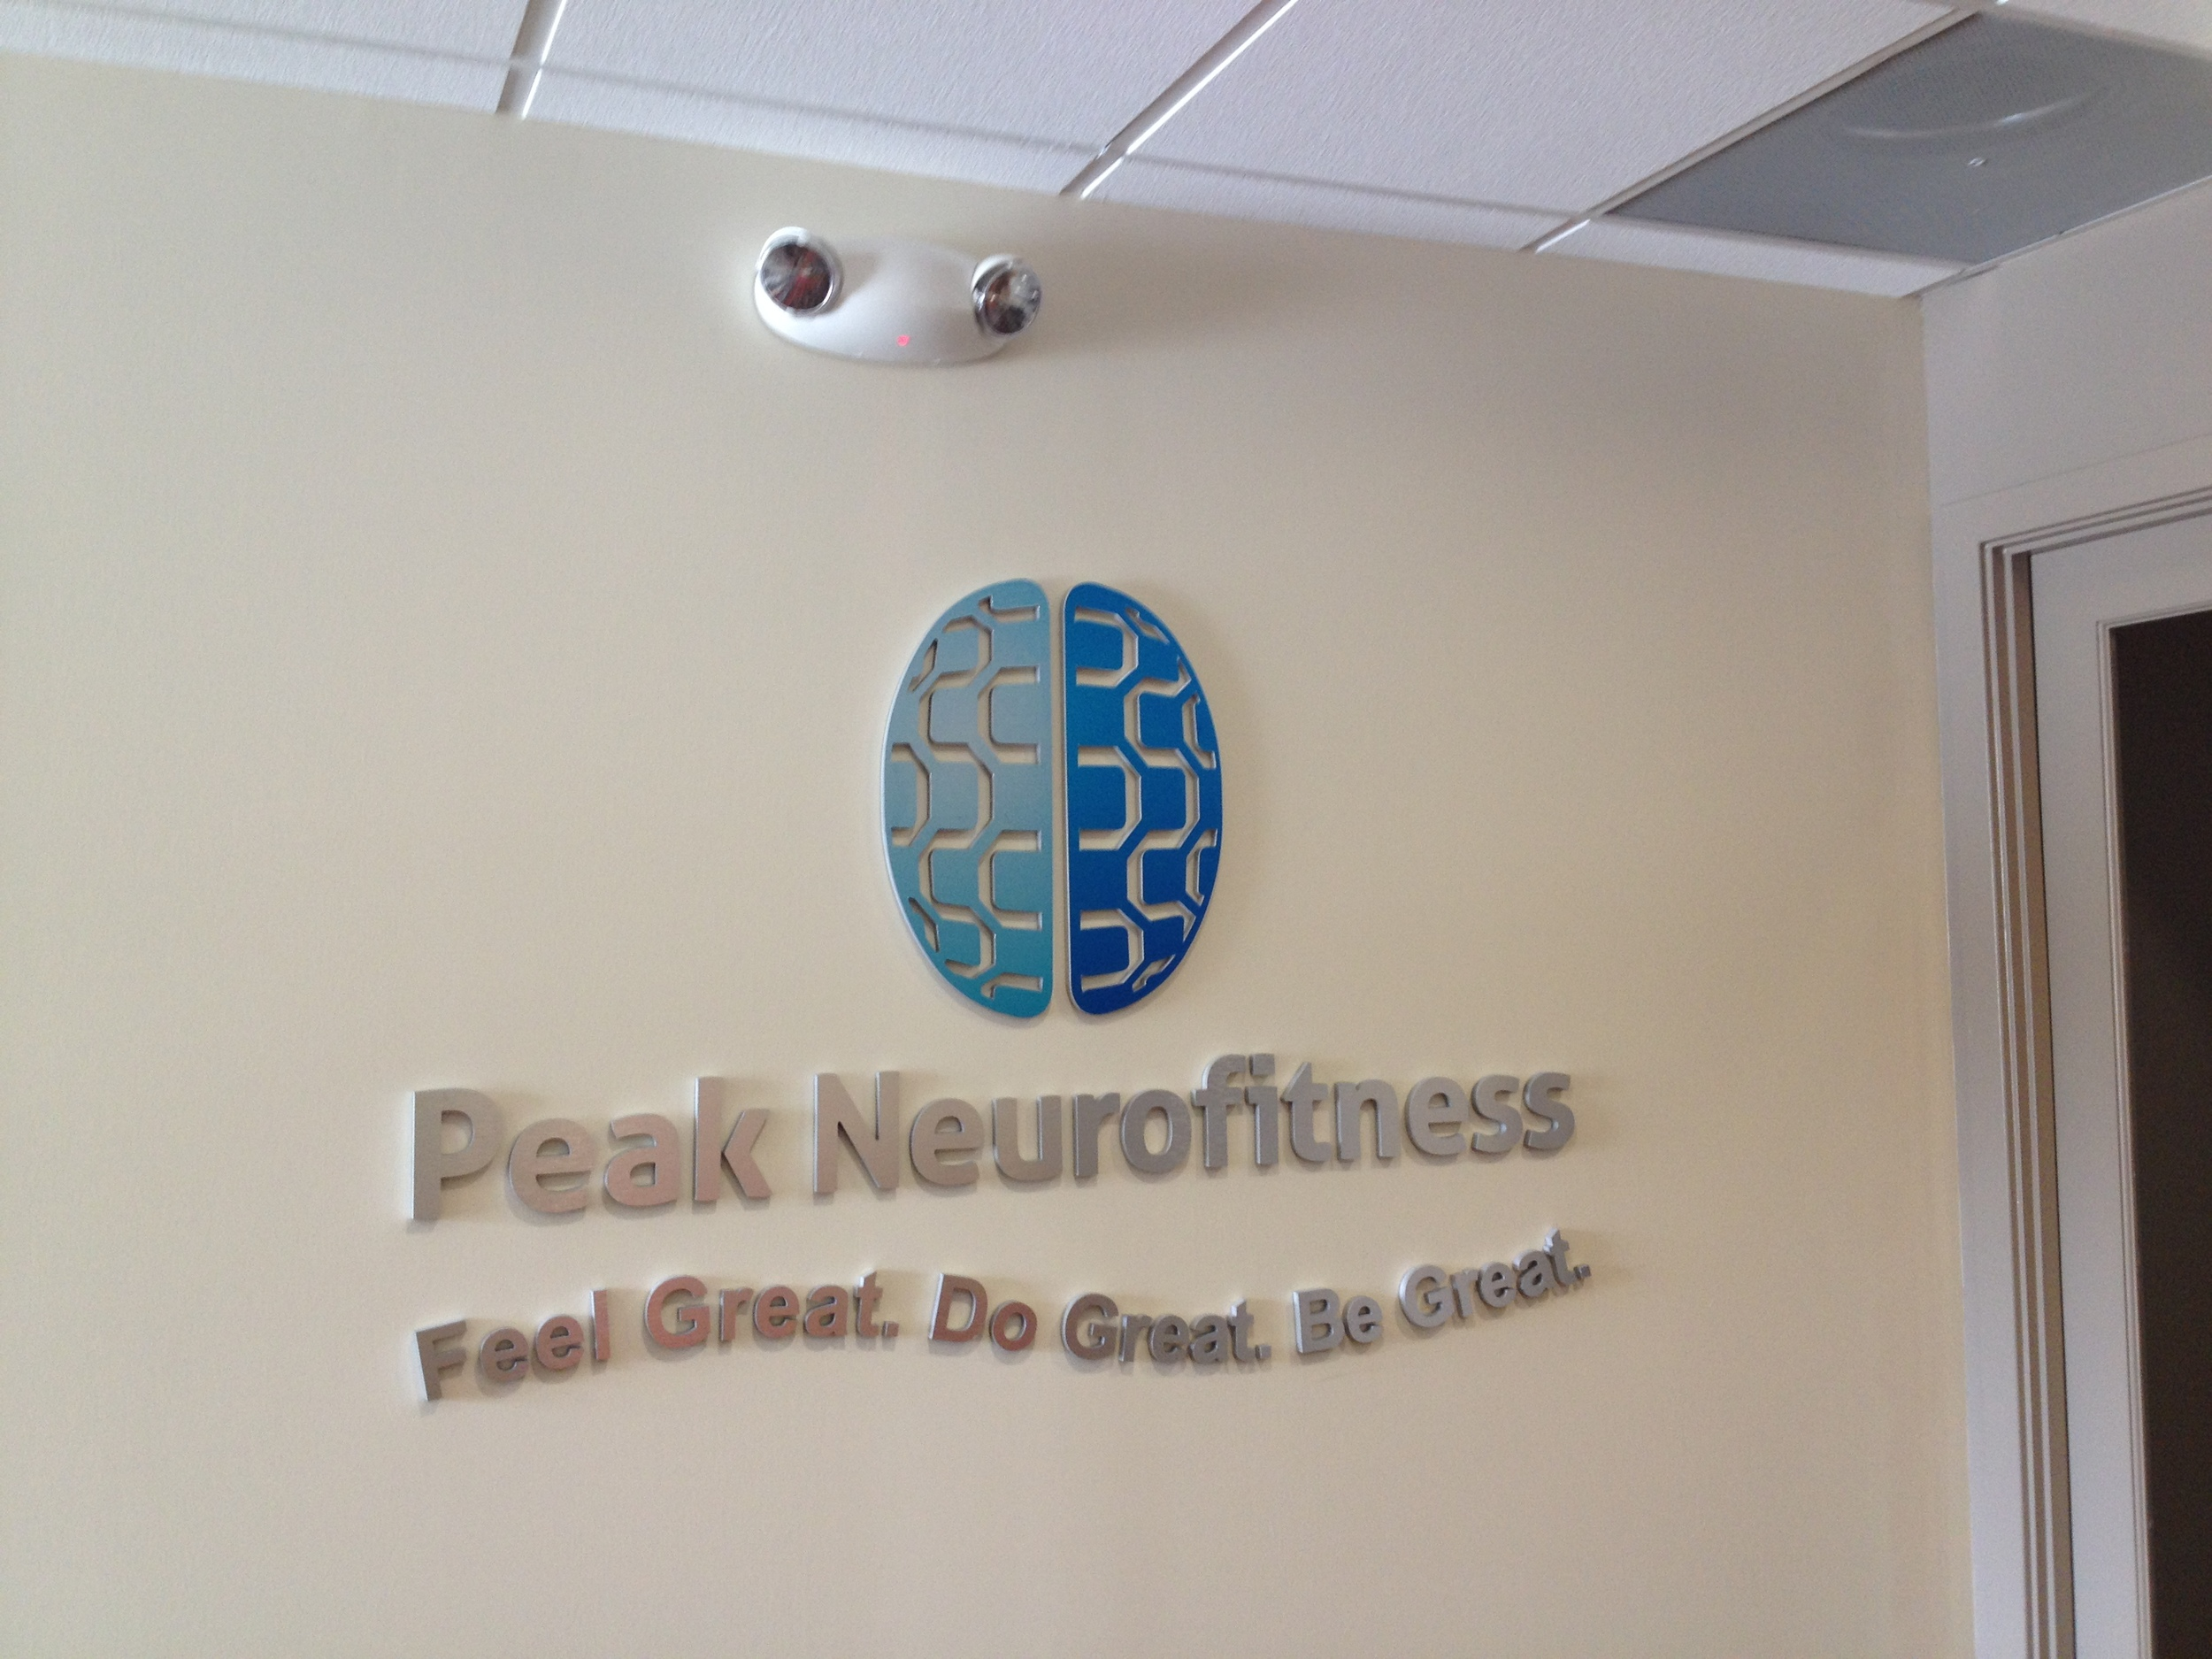 Peak Neurofitness_29403.JPG